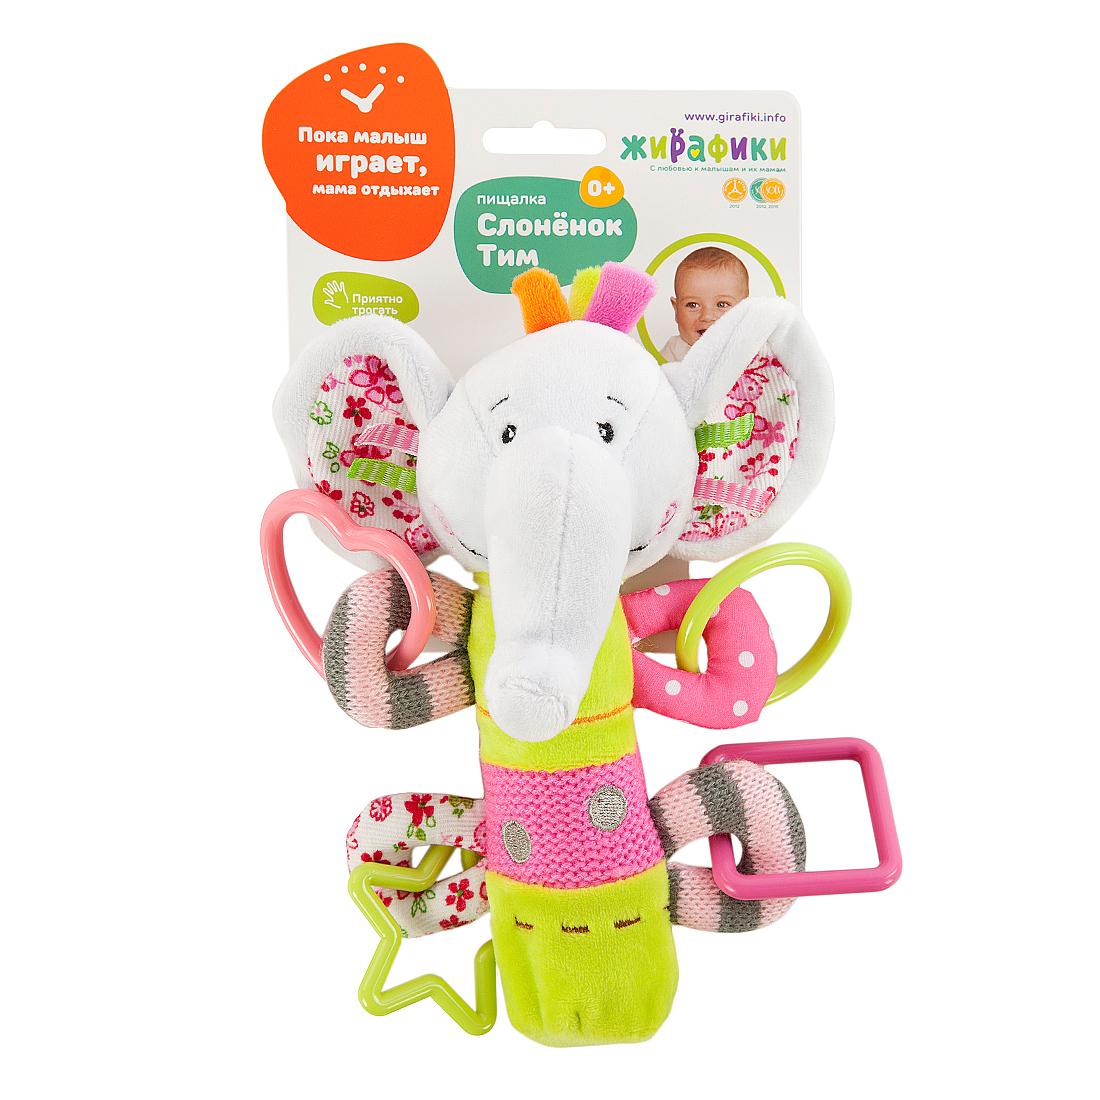 Погремушки и прорезыватели Наша игрушка Слонёнок Тим пищалка с погремушками жирафики слонёнок тим с 1 месяца пищалка разноцветный 93568